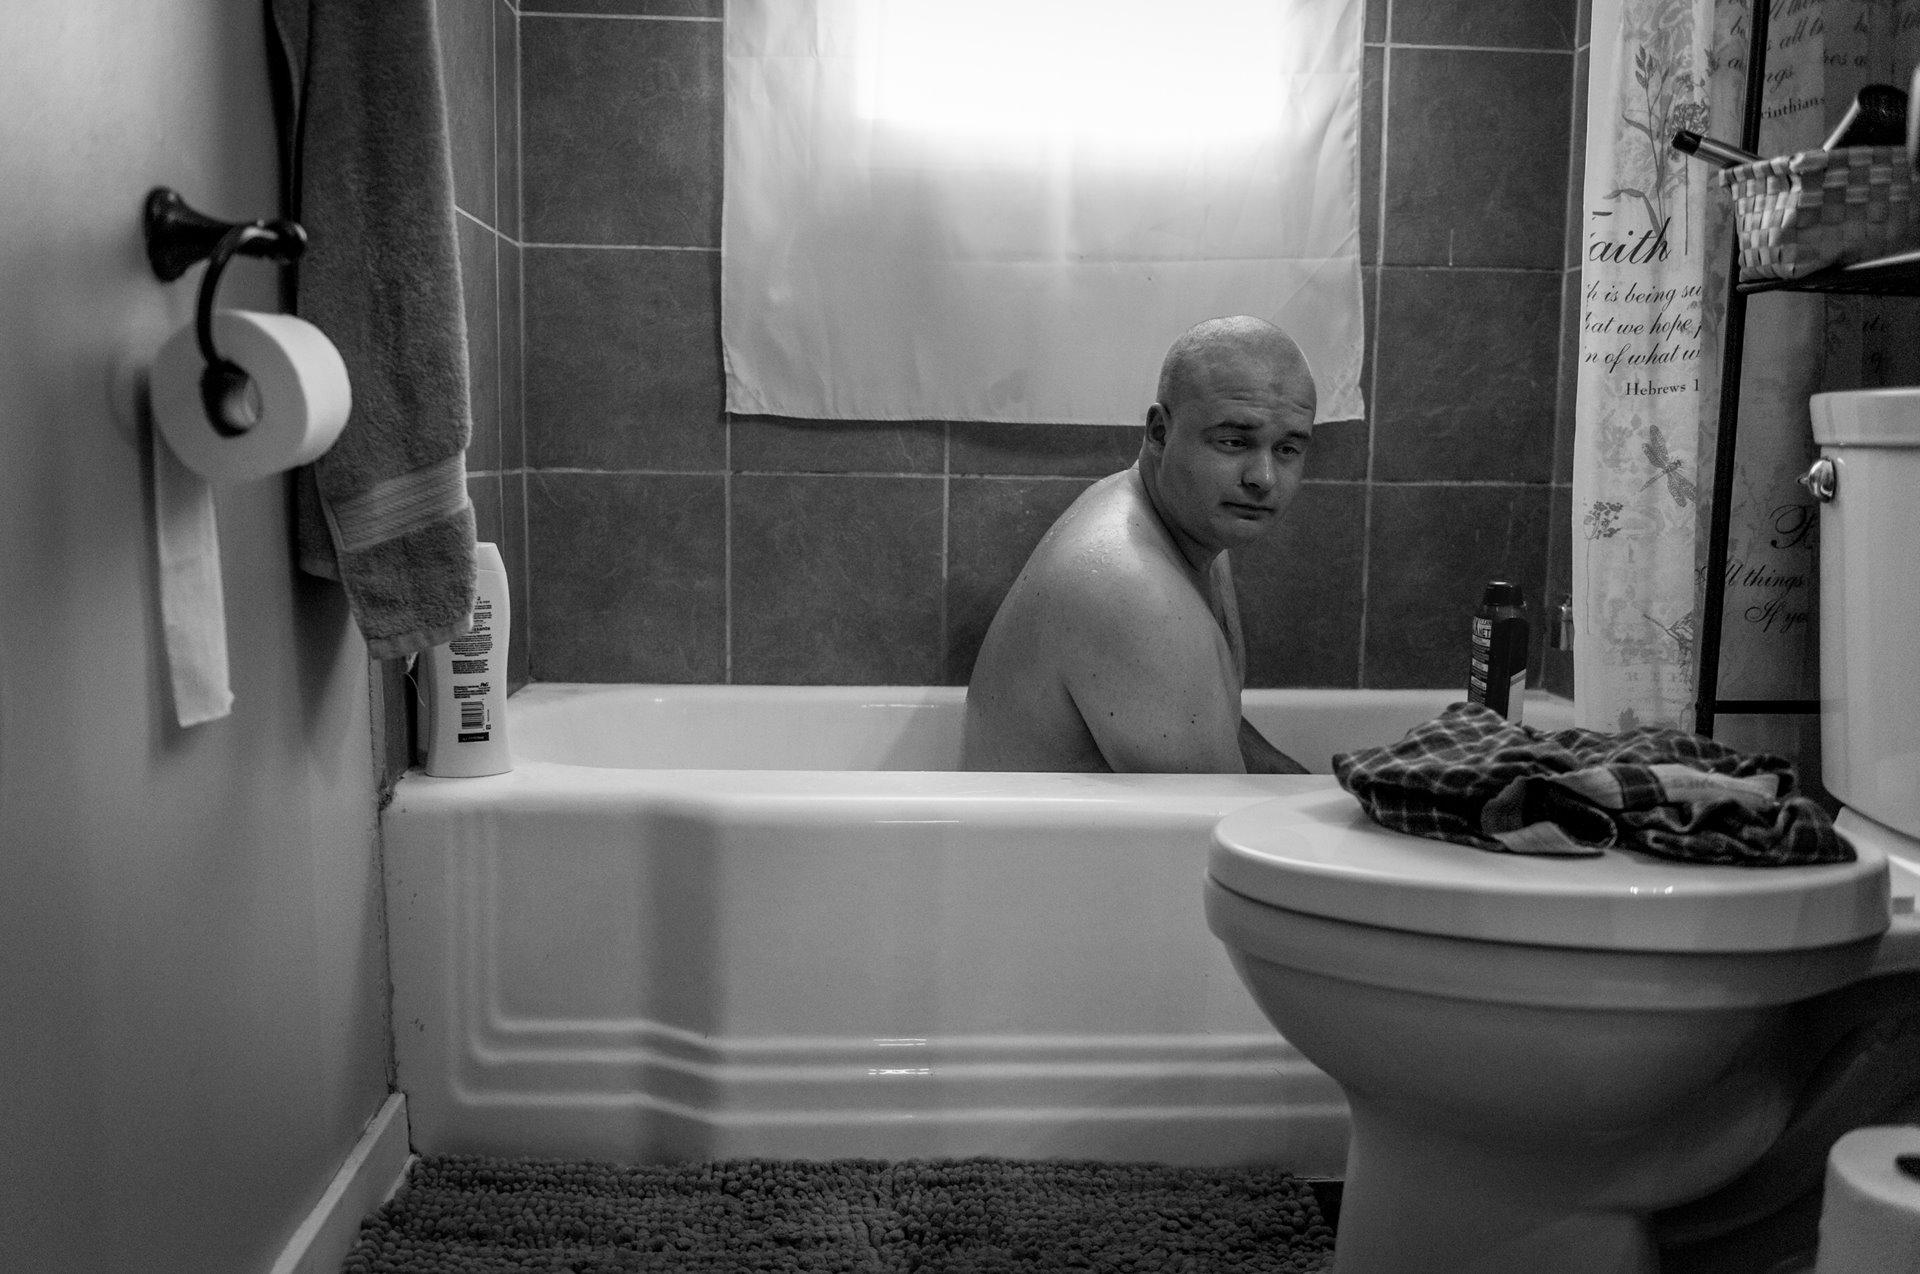 El ex marine estadounidense Ethan Hanson se baña en su casa de Austin, Minnesota, Estados Unidos, después de que un trauma sexual experimentado durante su servicio militar lo dejó incapaz de ducharse / Foto: Mary F. Calvert